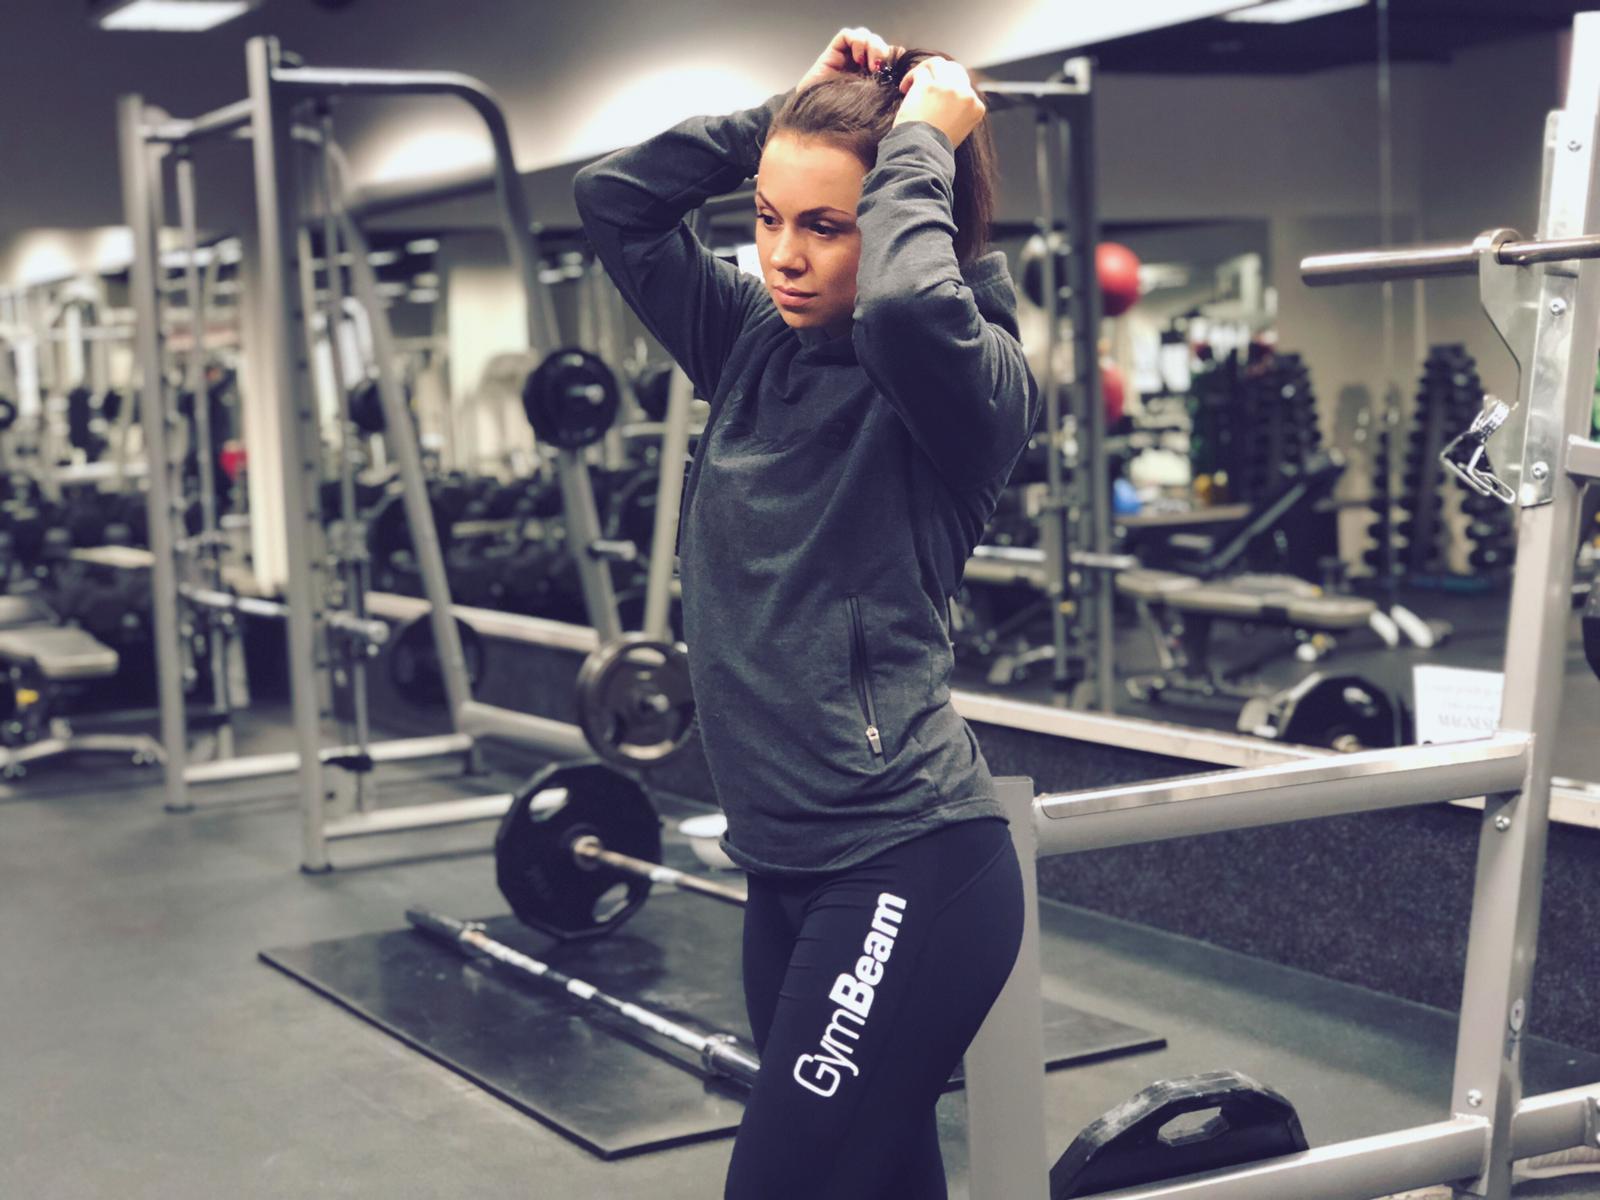 Taurina și efectele acesteia asupra sportivilor - regenerarea mușchilor, creșterea performanței